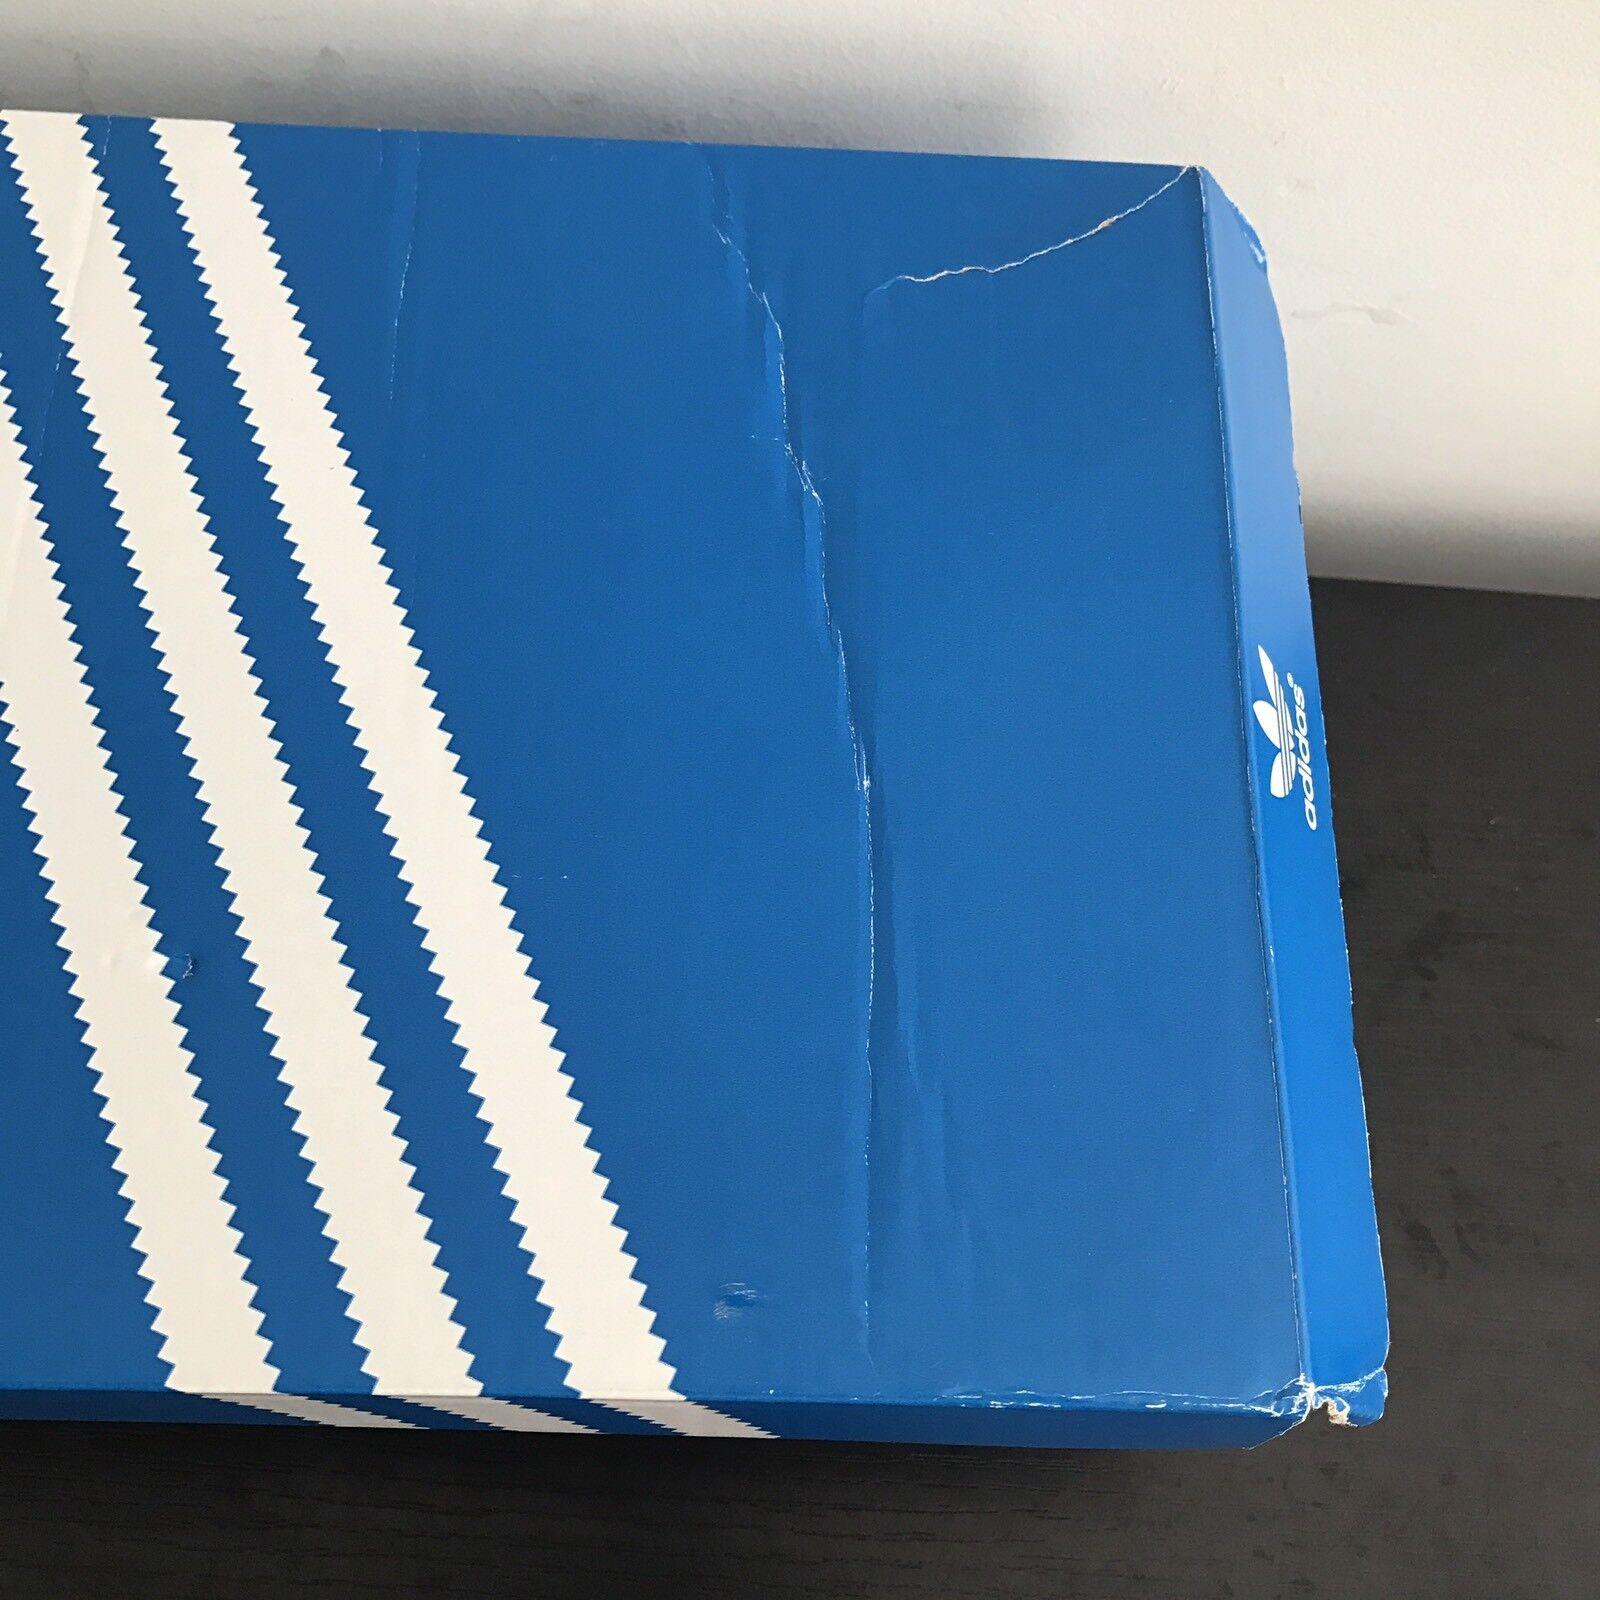 Adidas eqt unterstützung 93 / schuhe 17 fördern männer wohl schuhe / c40cc0